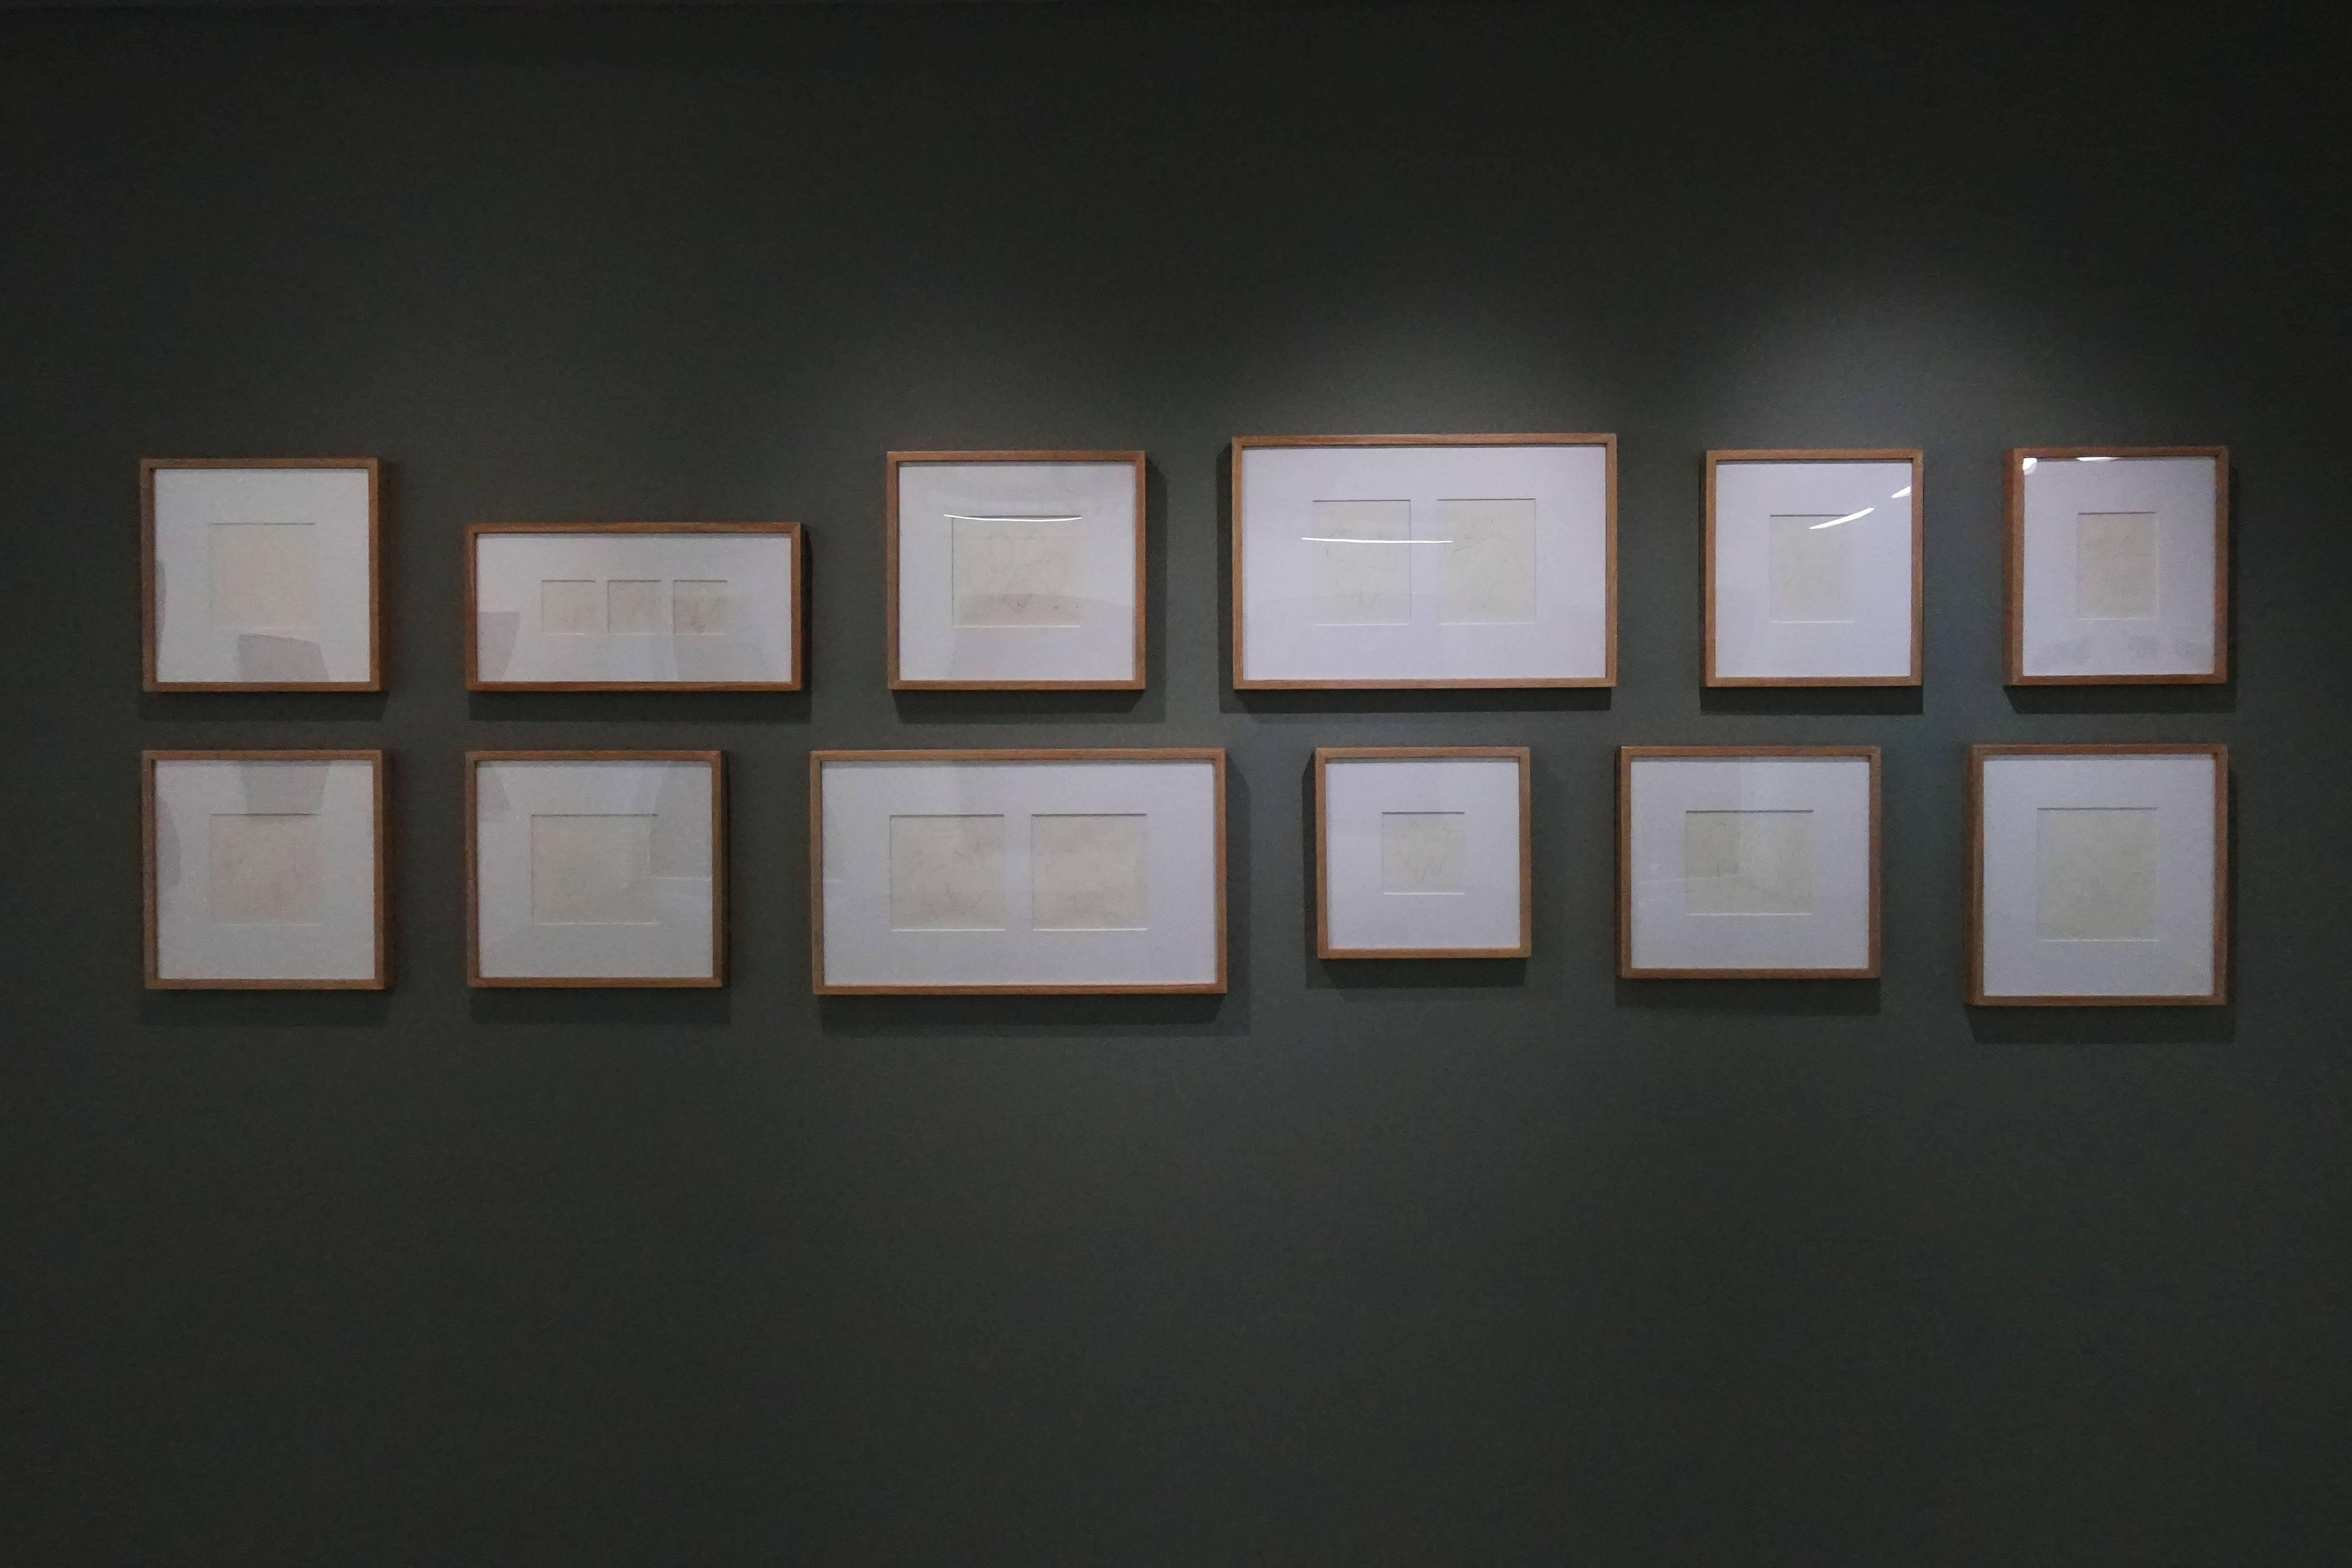 双方藝廊「未定物-吳東龍個展」手稿展覽一隅。